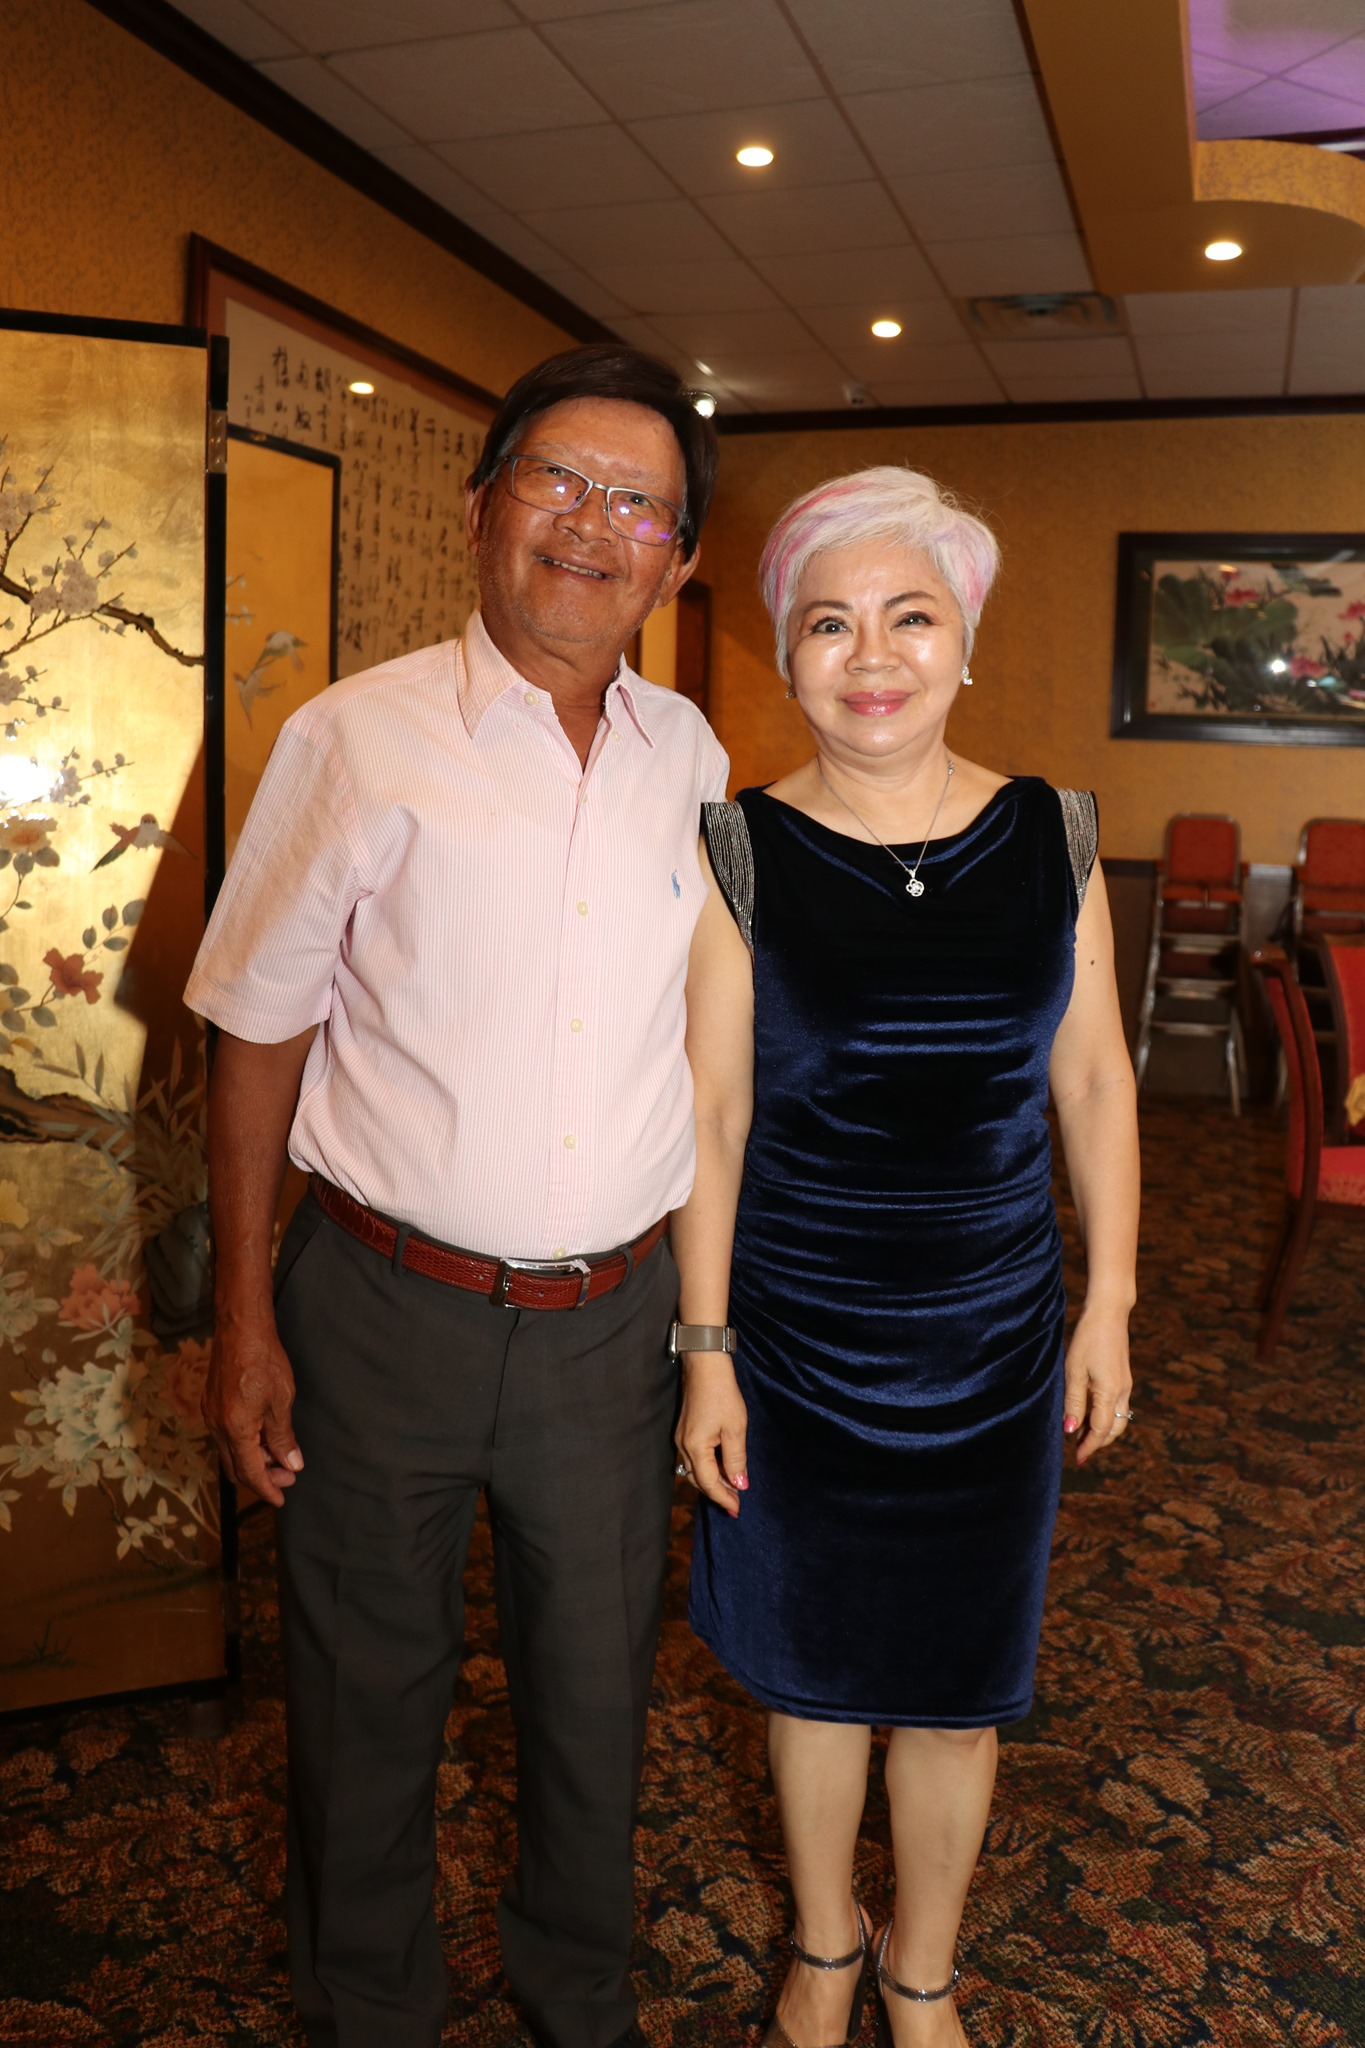 中國城101餐廳前負責人Amy周(右)經歷新冠肺炎康復後,與夫婿(左)共同感謝親朋好友的加油打氣。(記者封昌明/攝影)